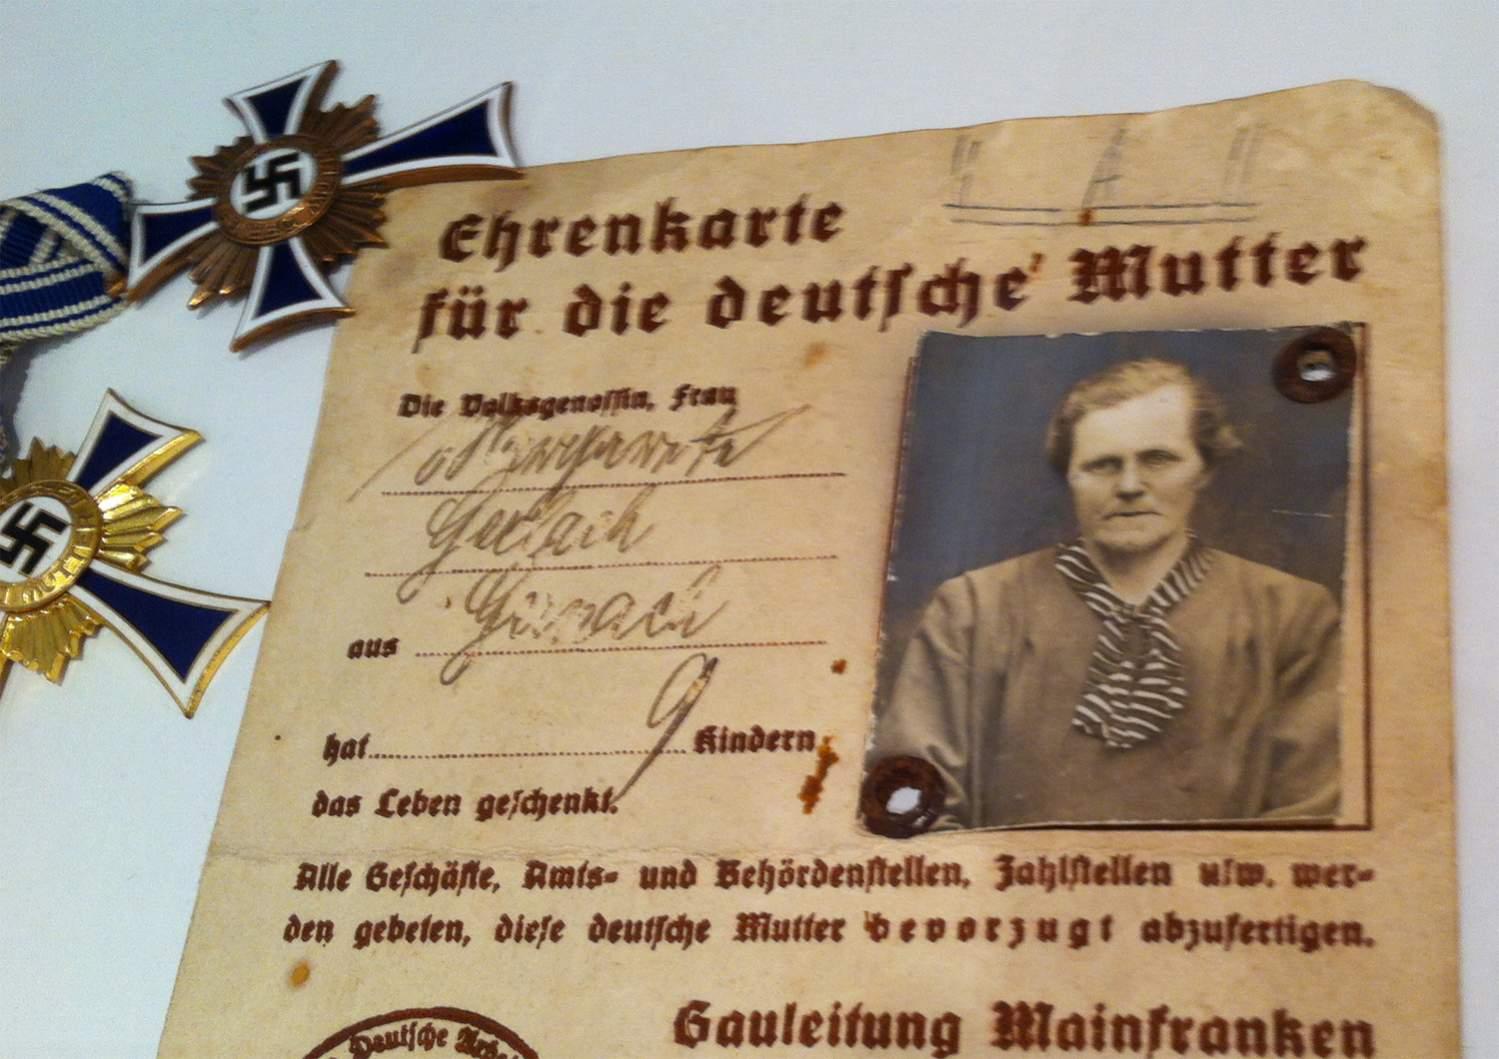 Deutsche Mutter